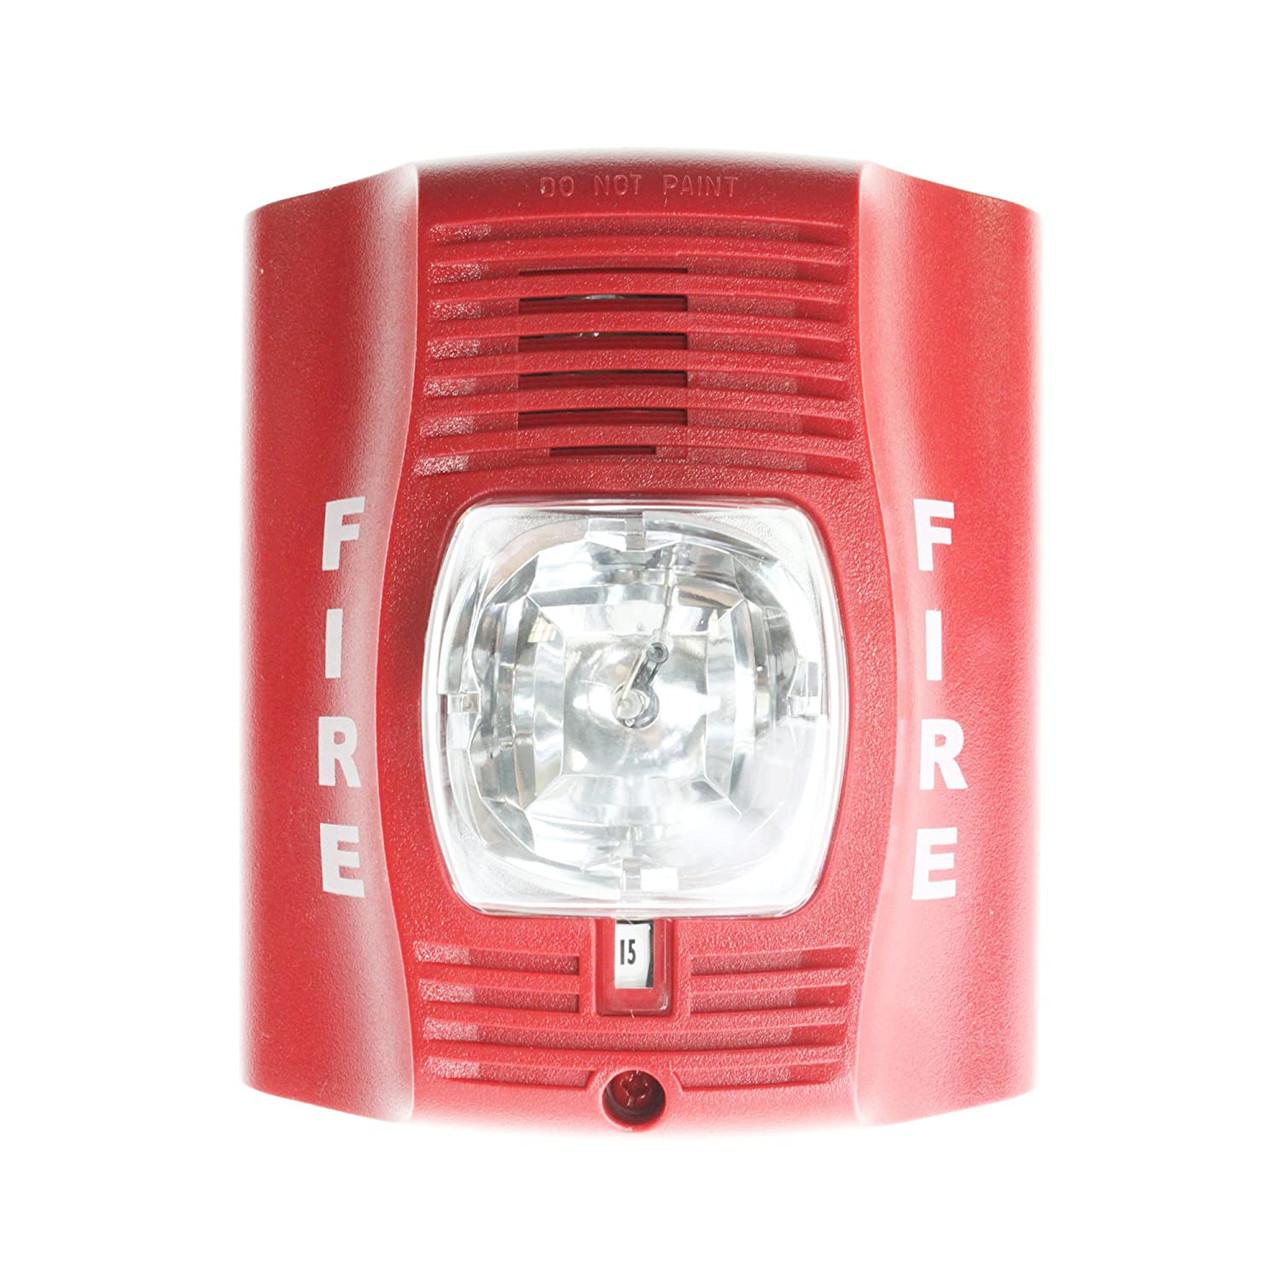 System Sensor SpectrAlert Advance 120v Outdoor Horn Strobe P2rhk-120 for sale online